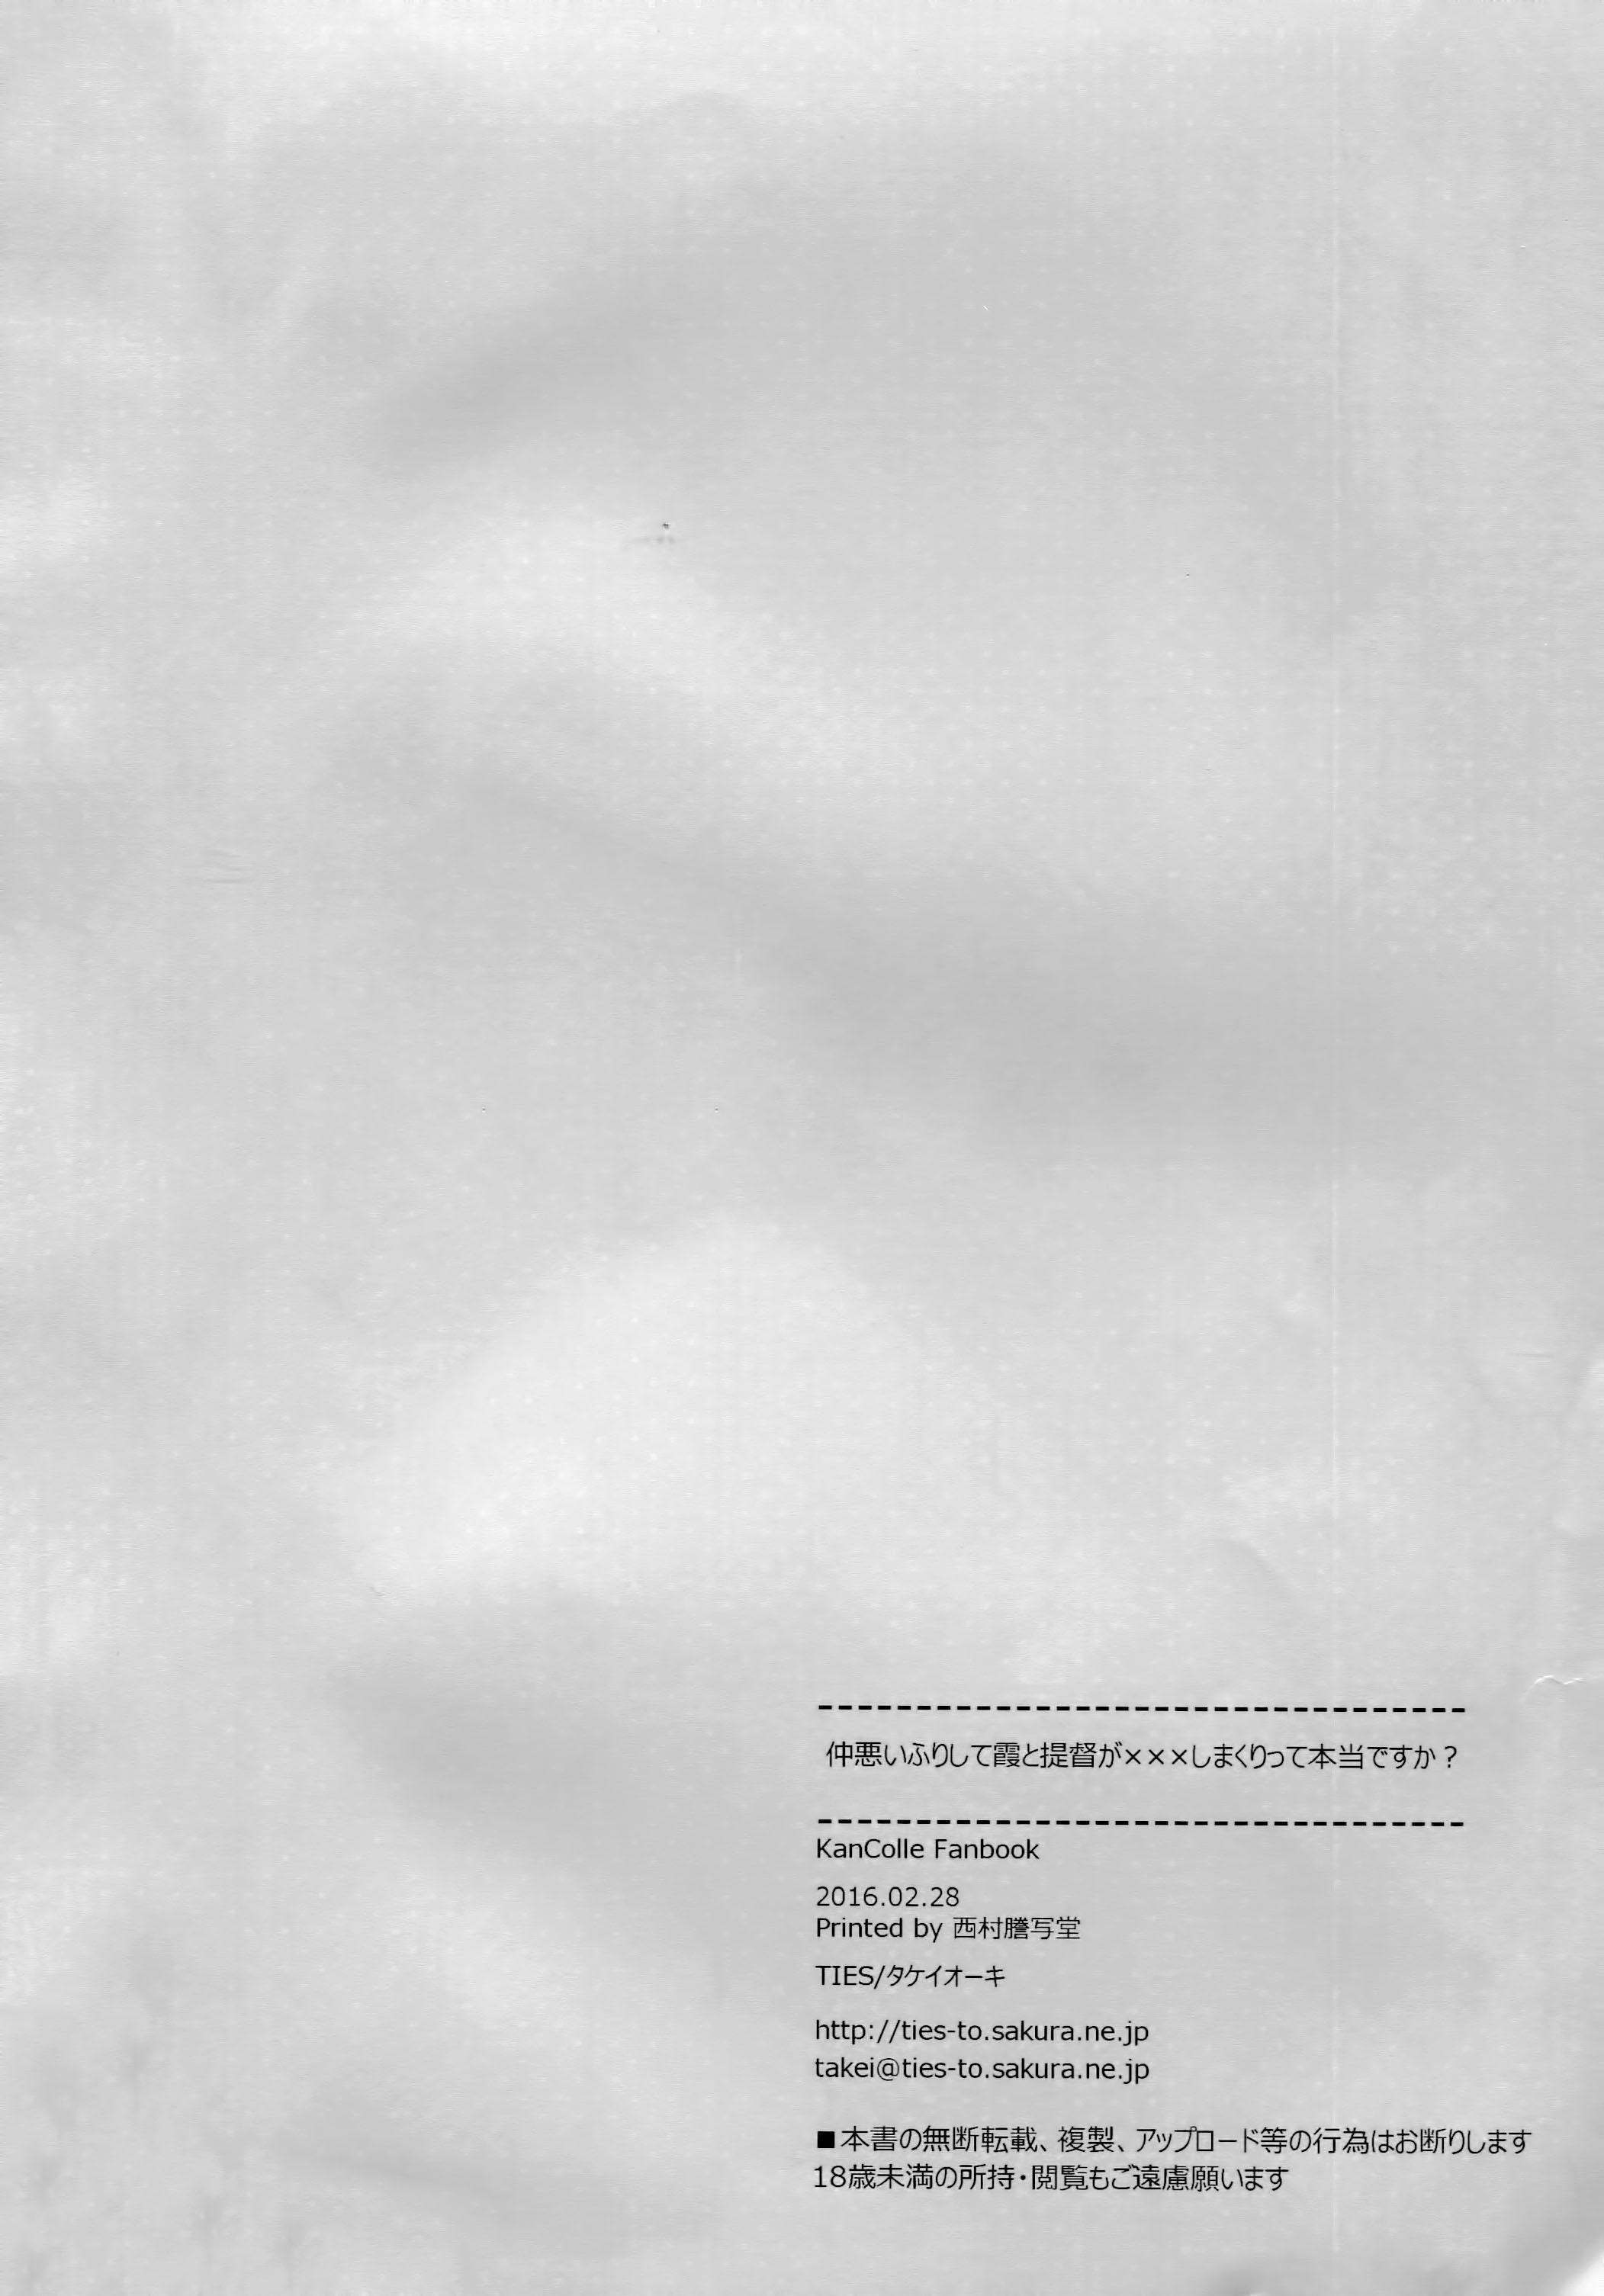 Naka Warui Furi Shite Kasumi to Teitoku ga ××× Shimakuritte Hontou desu ka? 24